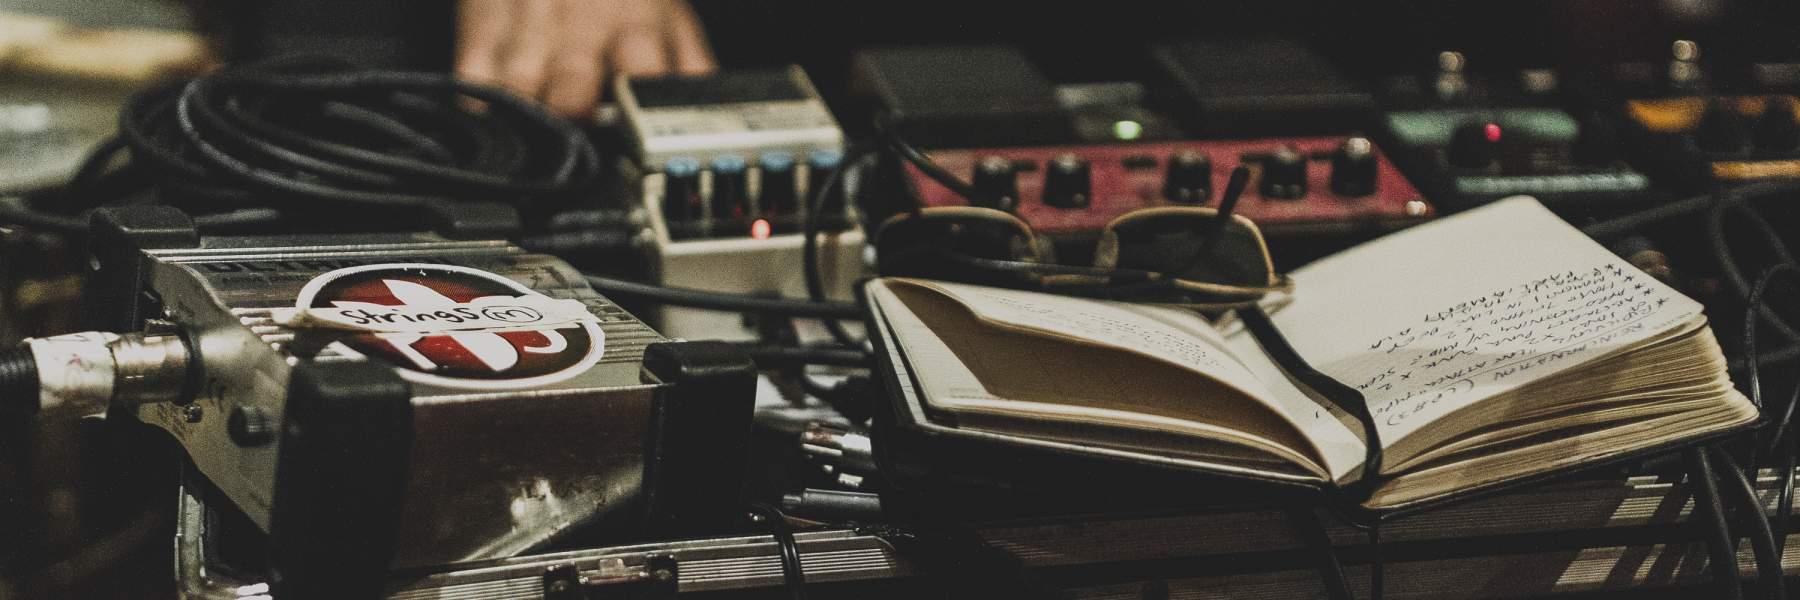 Studio 5 Live